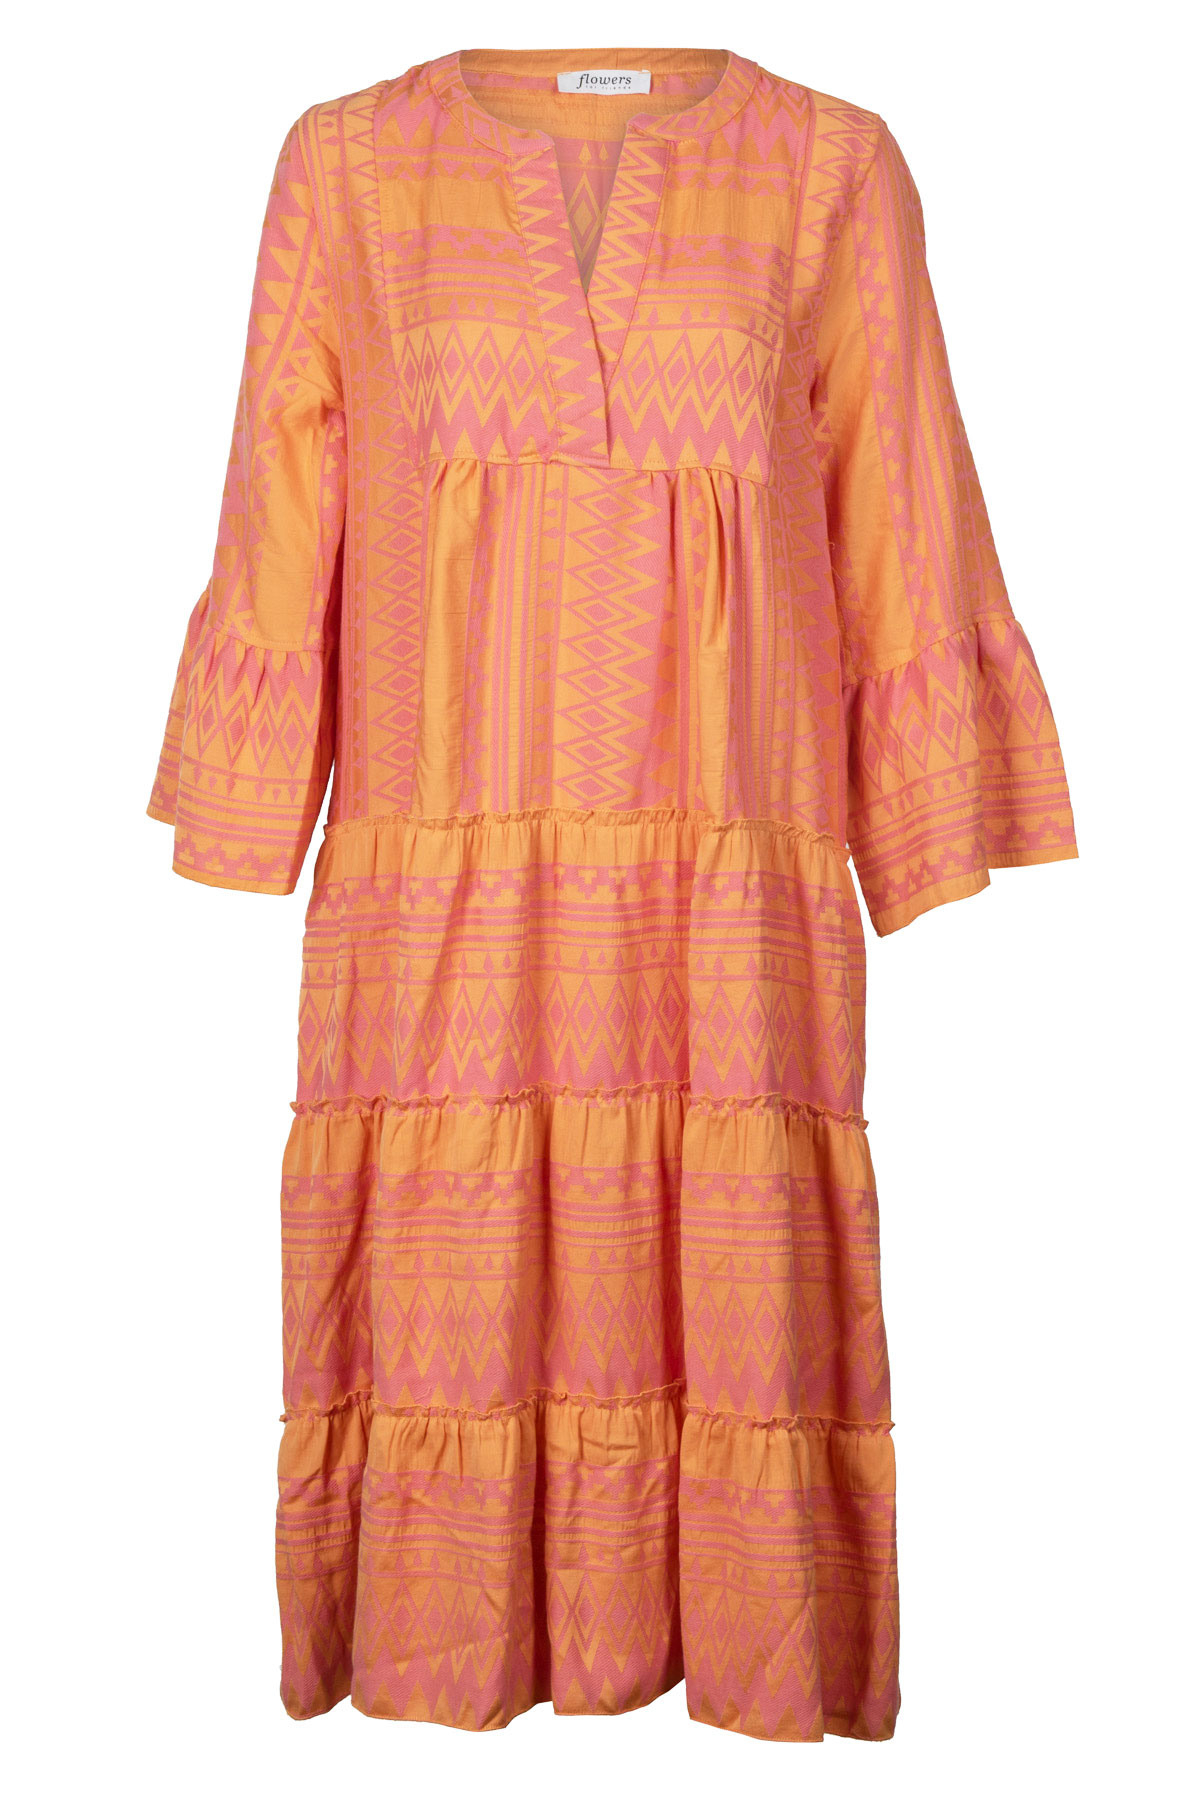 Damen Tunika Midi-Kleid | Kleider | Kleider & Röcke